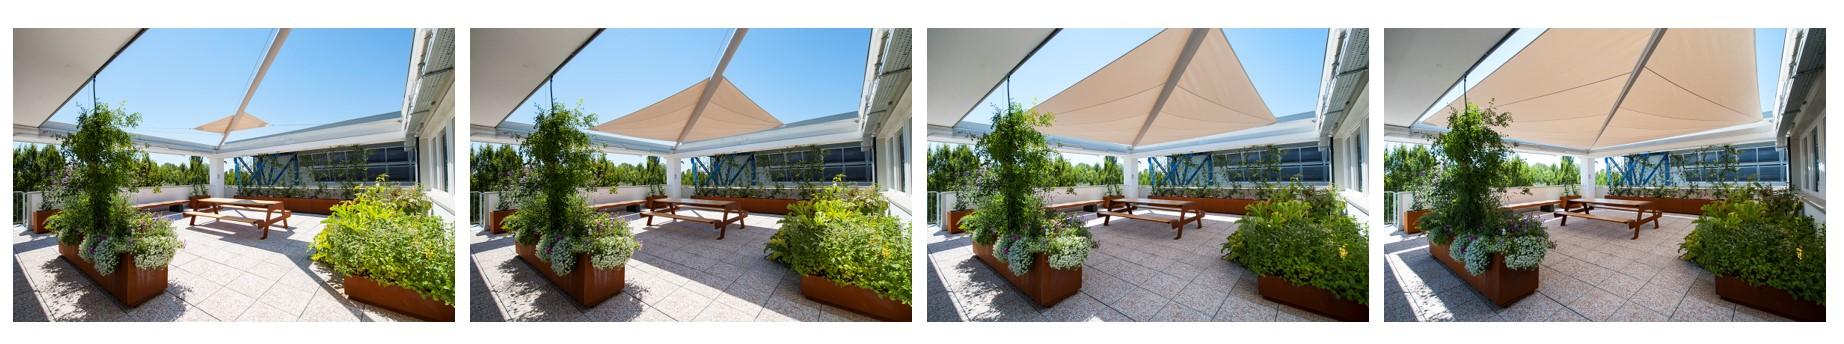 cor sonnensegel beschattung terrasse